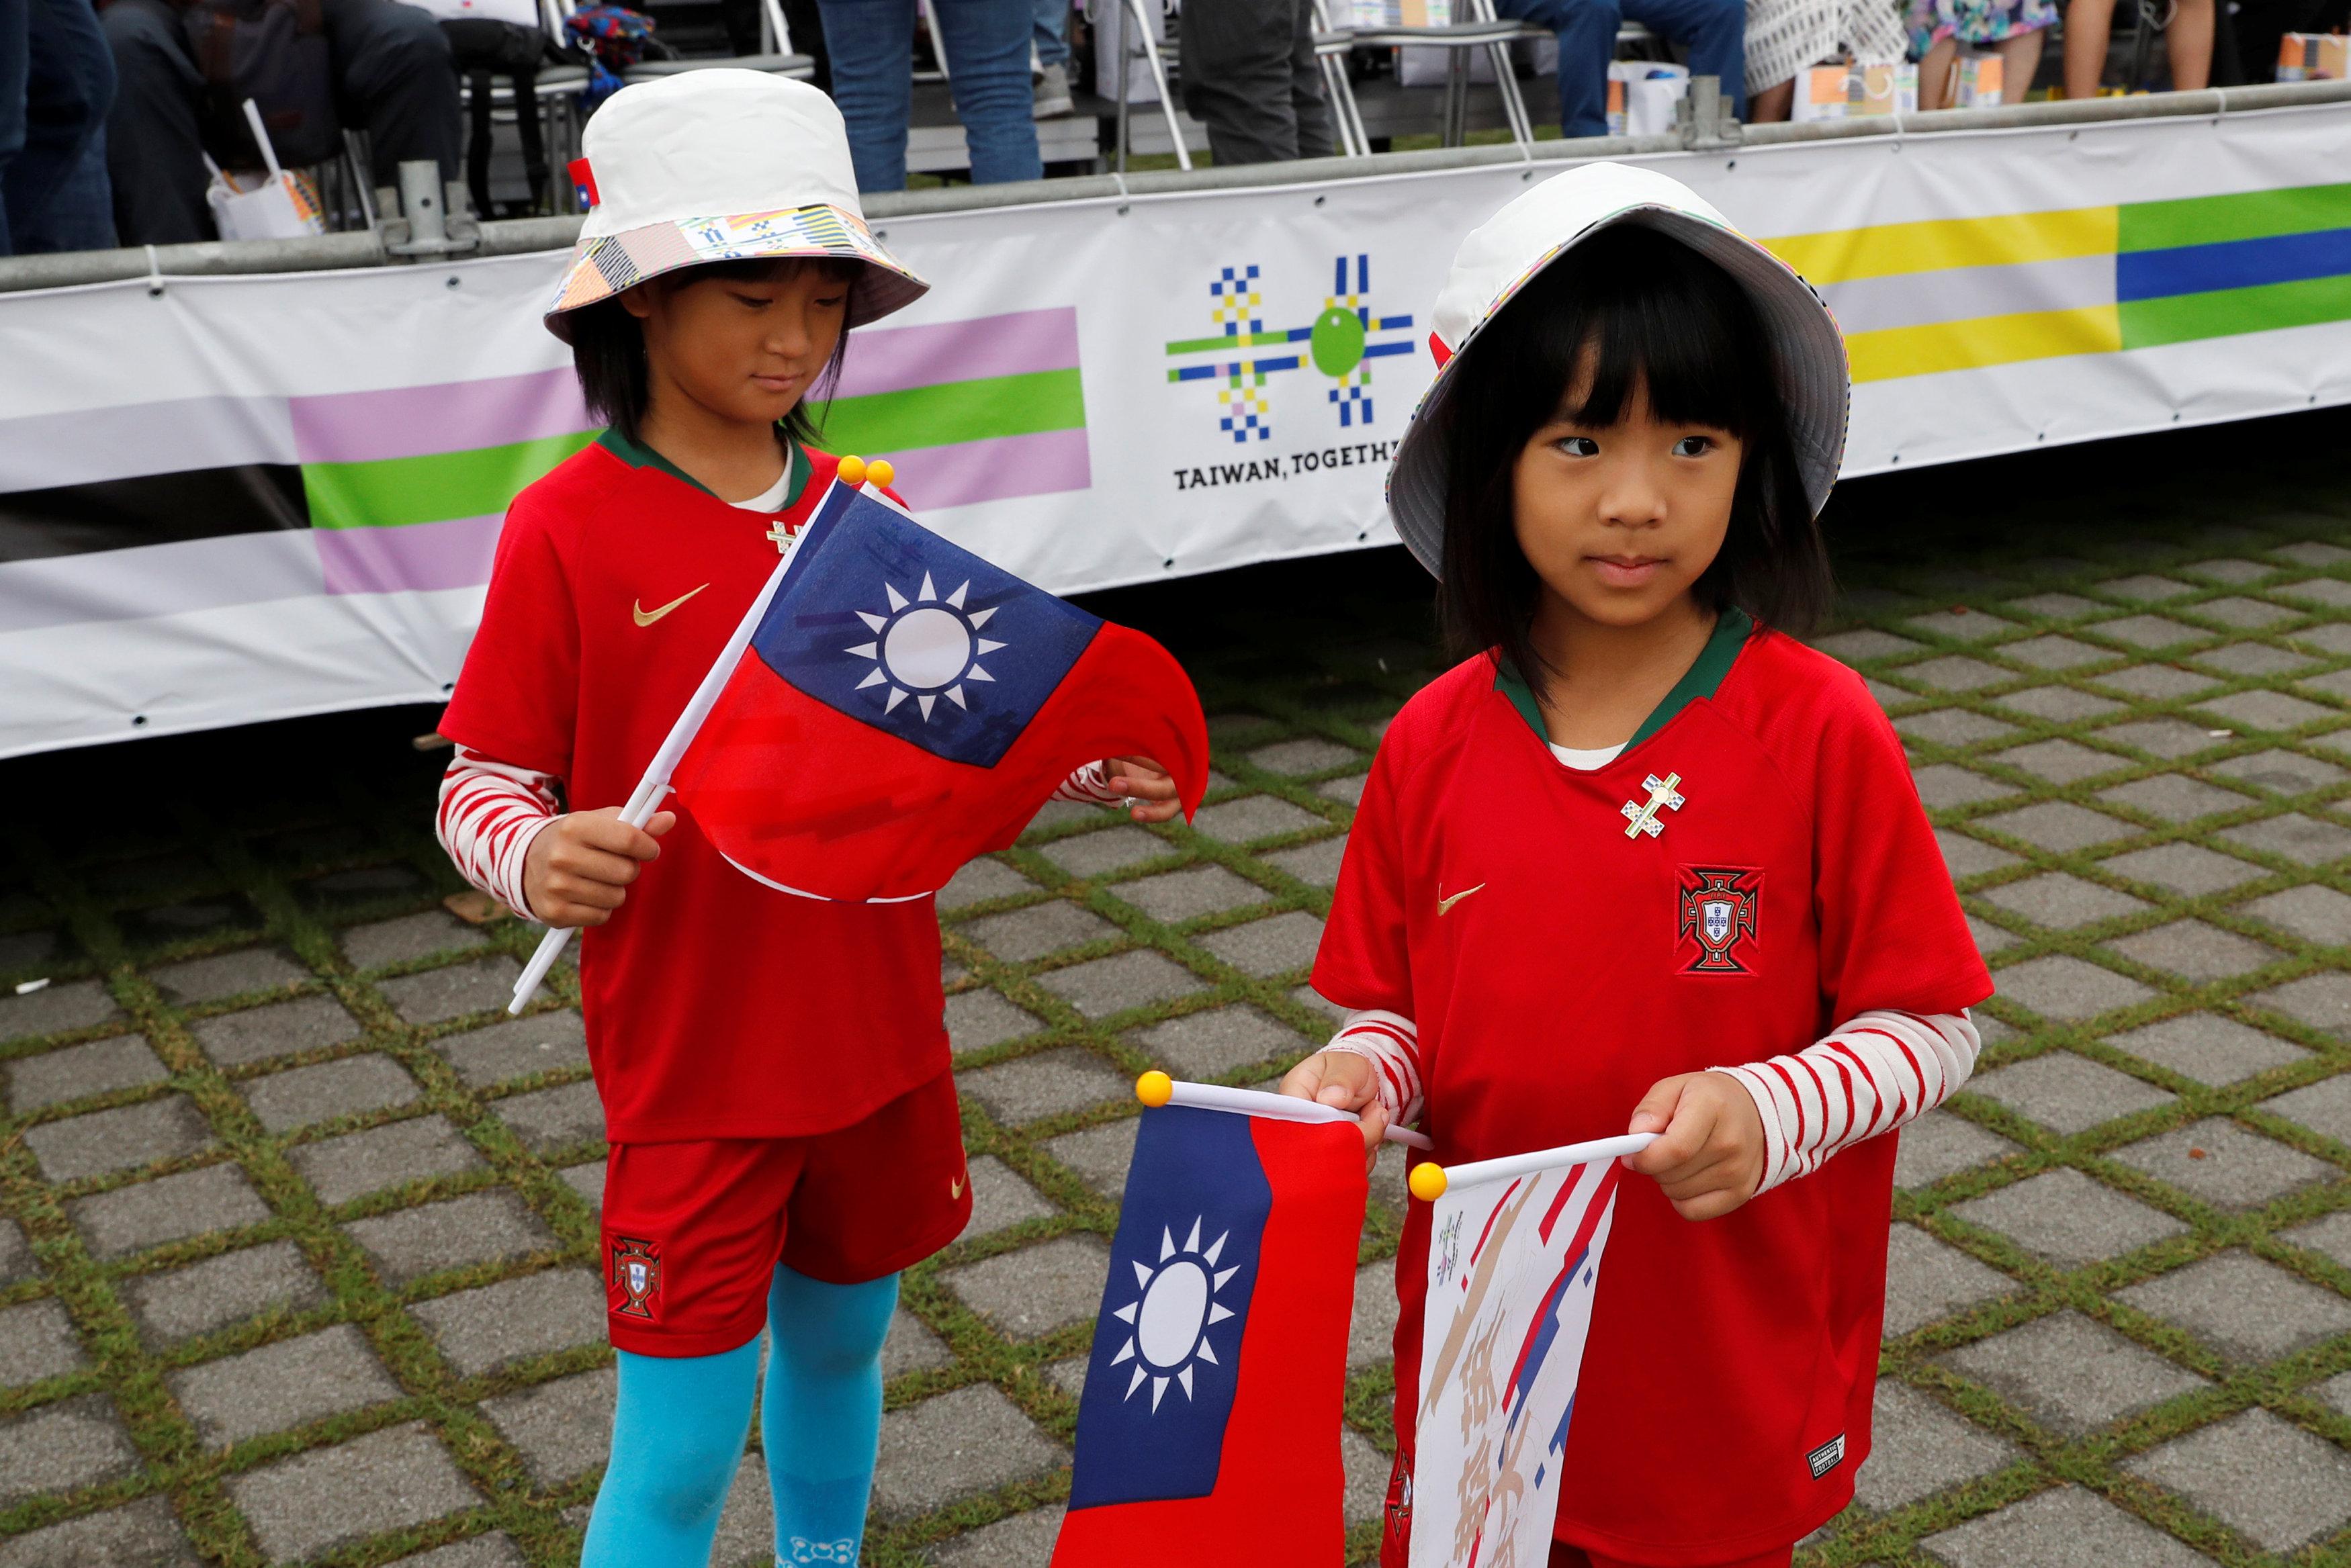 طفلان يرتديان أزياء بألوان علم تايوان ويحملان أعلامها